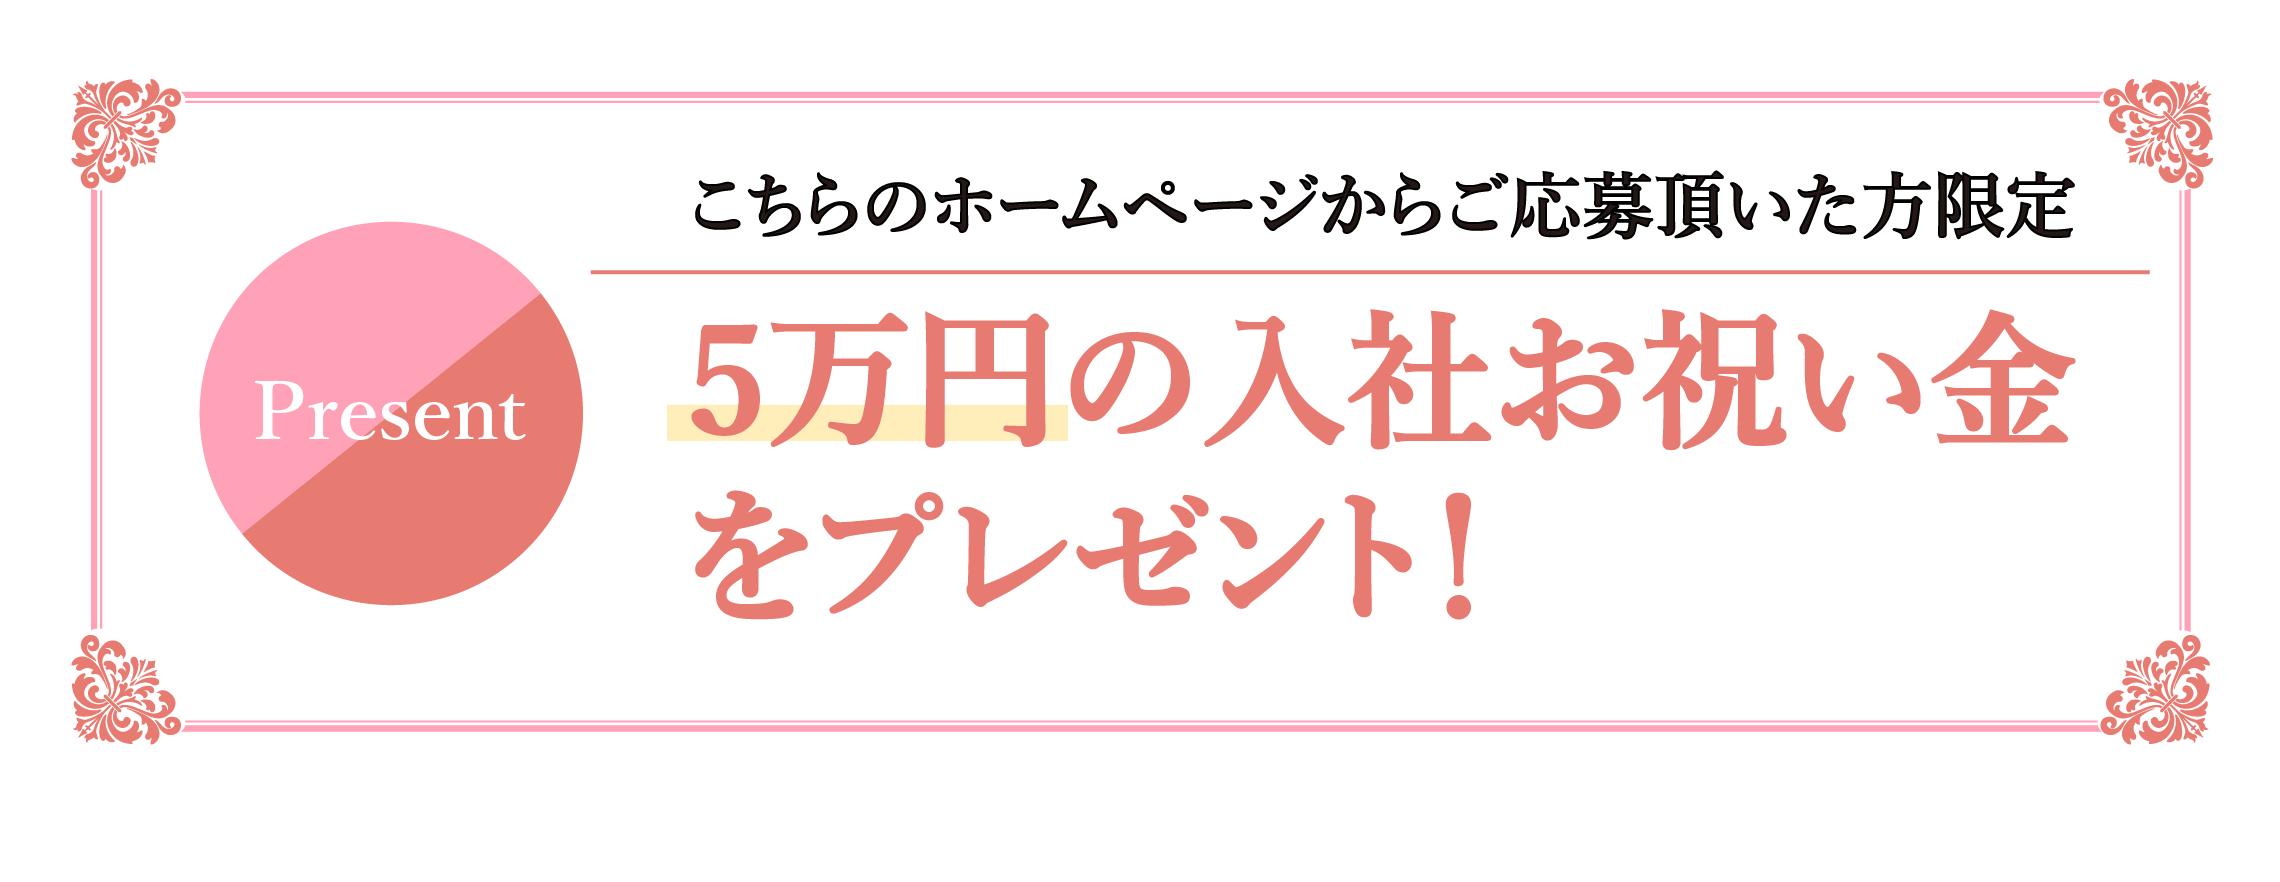 こちらのホームページからご応募頂いた方限定!5万円の入社お祝い金をプレゼント